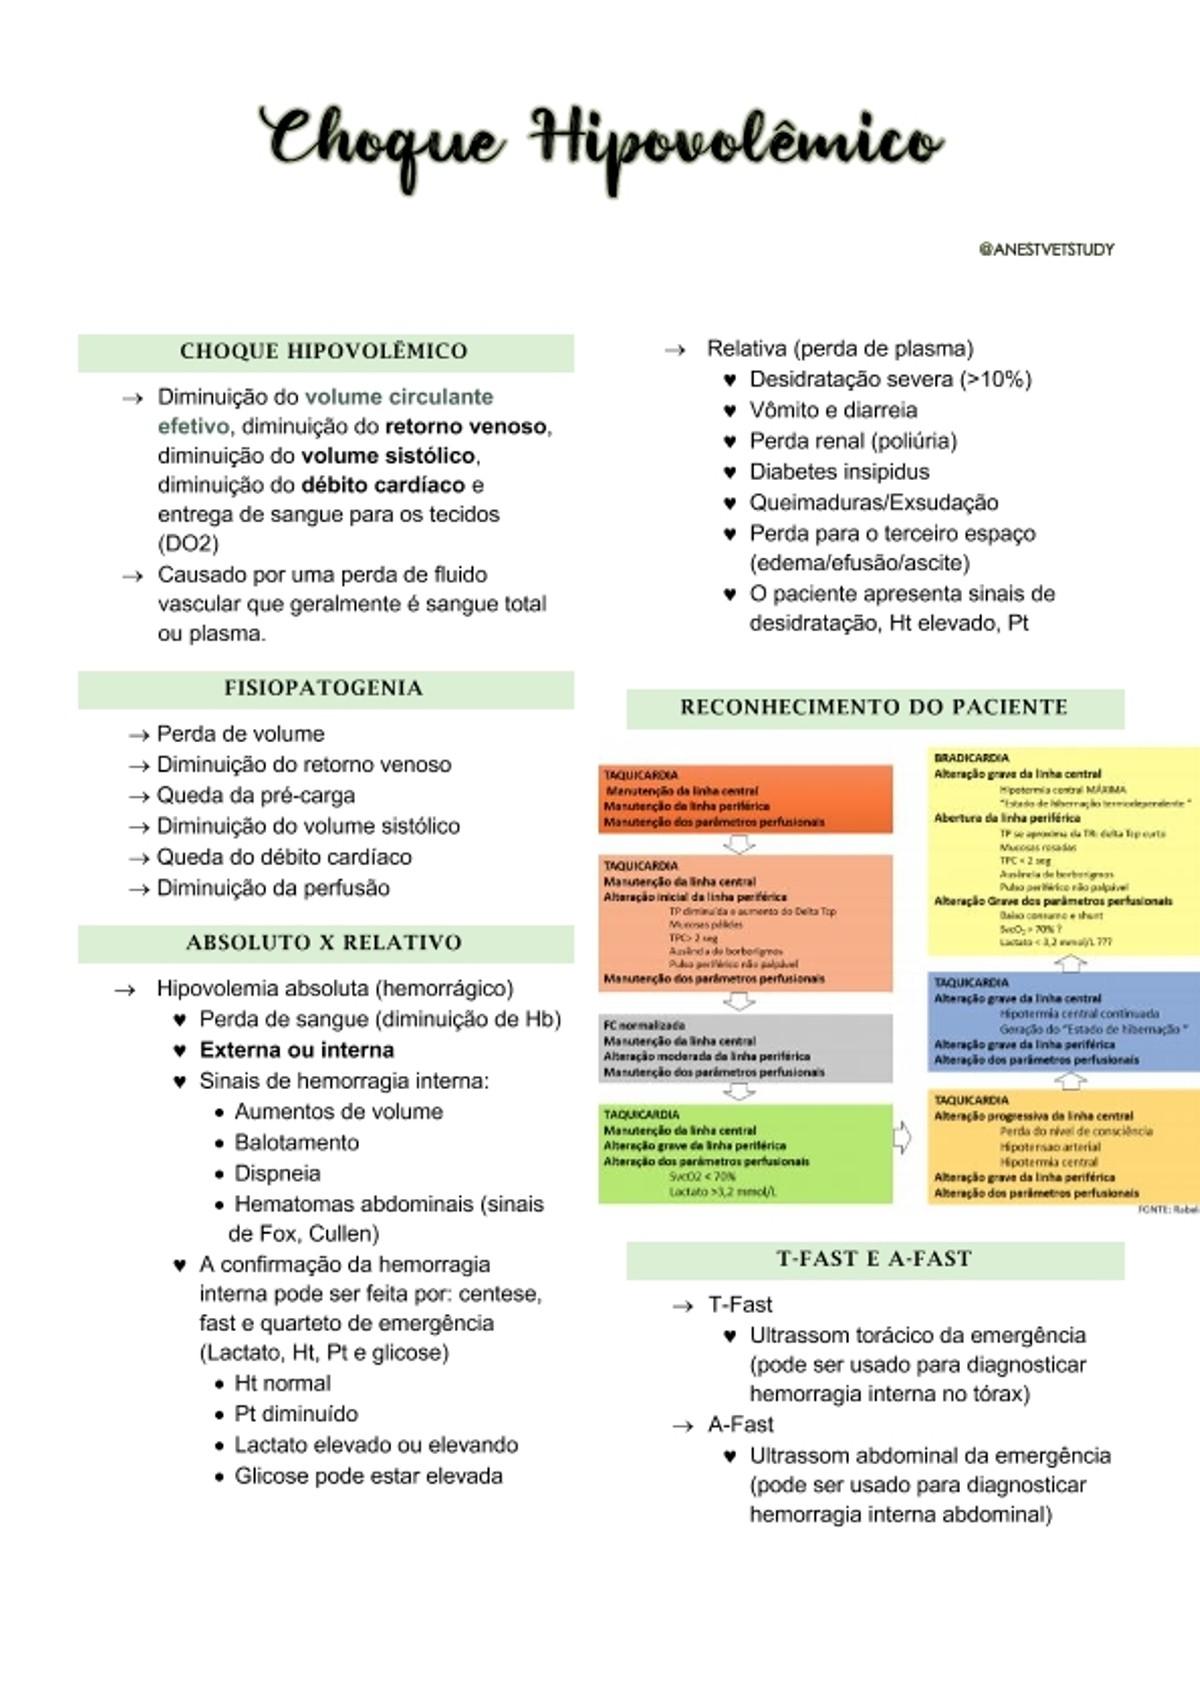 Pre-visualização do material Choque Hipovolêmico - página 1